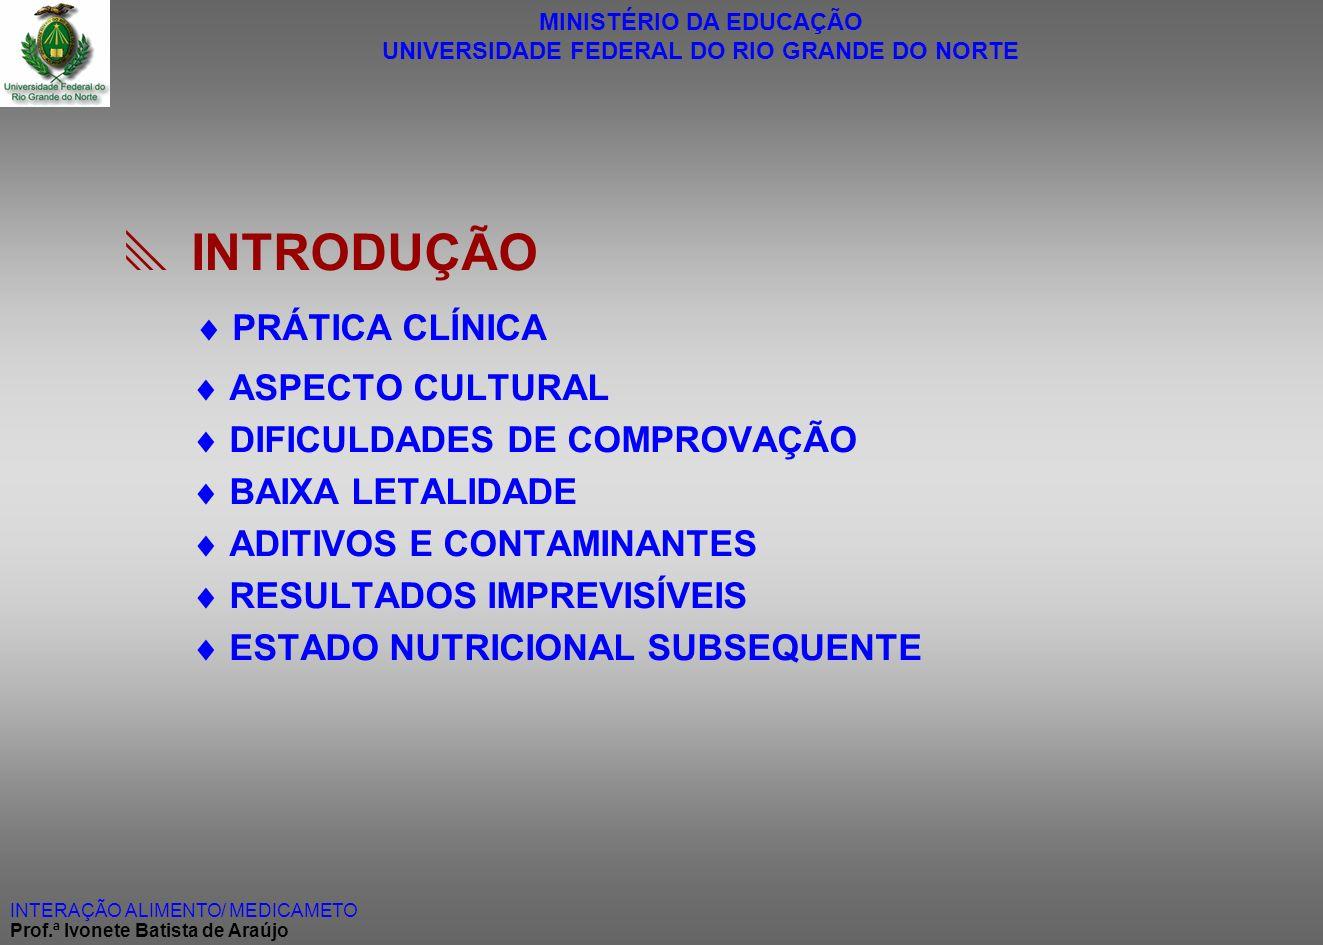 MINISTÉRIO DA EDUCAÇÃO UNIVERSIDADE FEDERAL DO RIO GRANDE DO NORTE INTERAÇÃO ALIMENTO/ MEDICAMETO Prof.ª Ivonete Batista de Araújo INTRODUÇÃO PRÁTICA